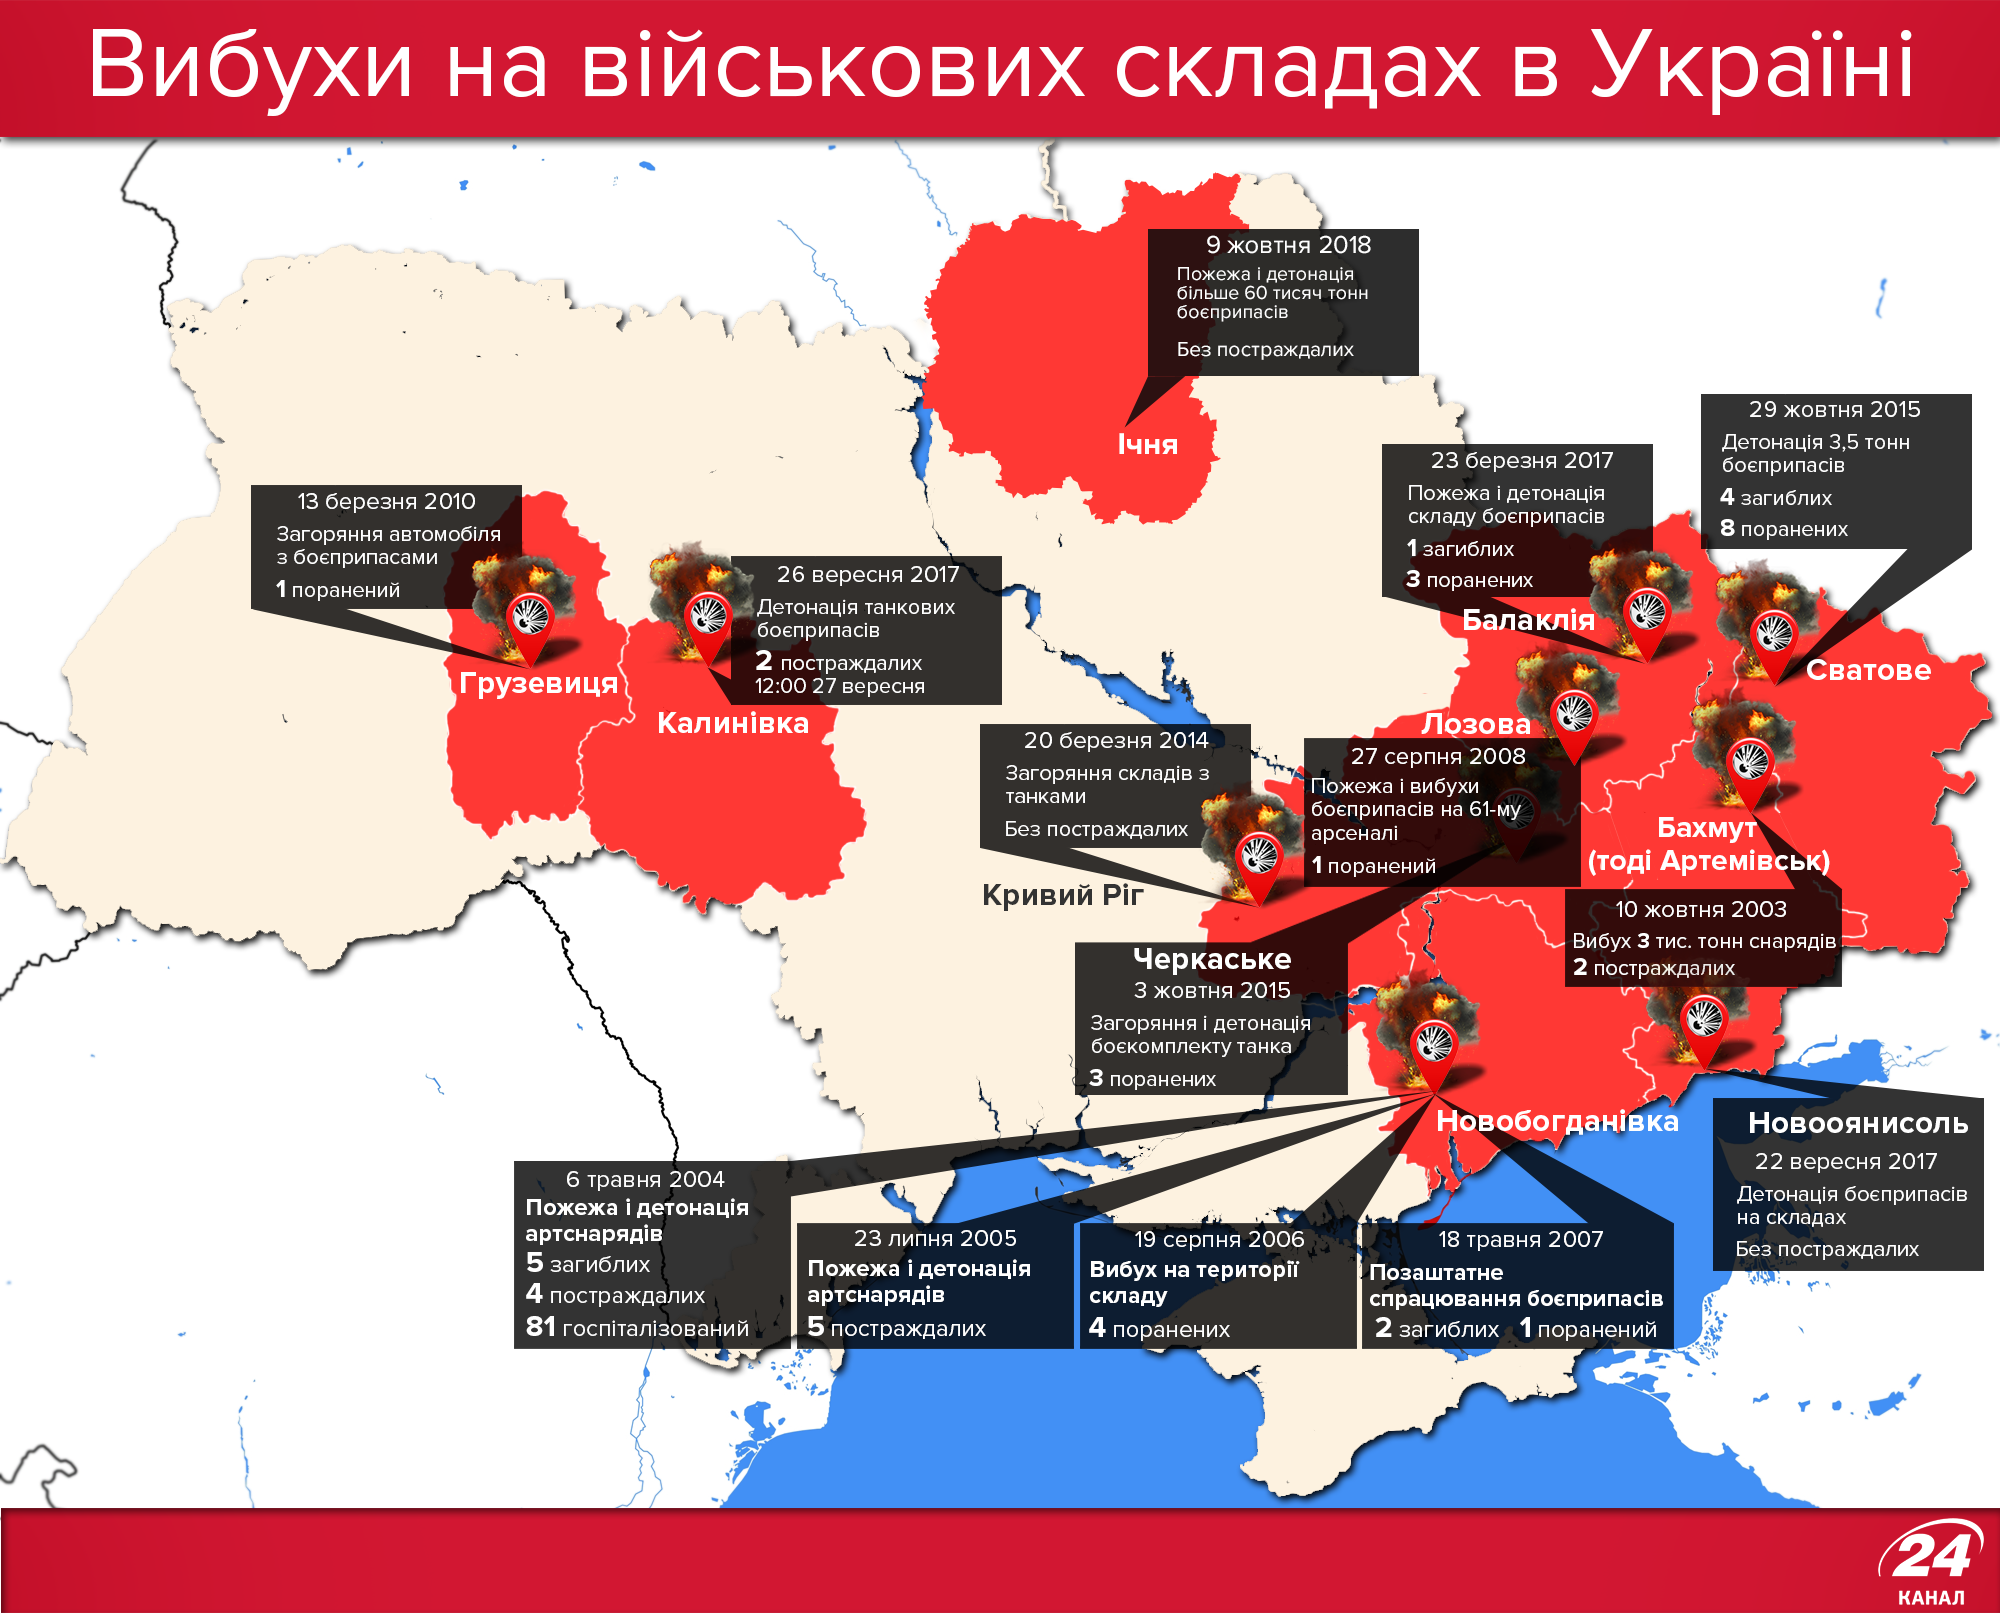 вибухи боєприпасів Україна мапа Балаклія Калинівка Ічня